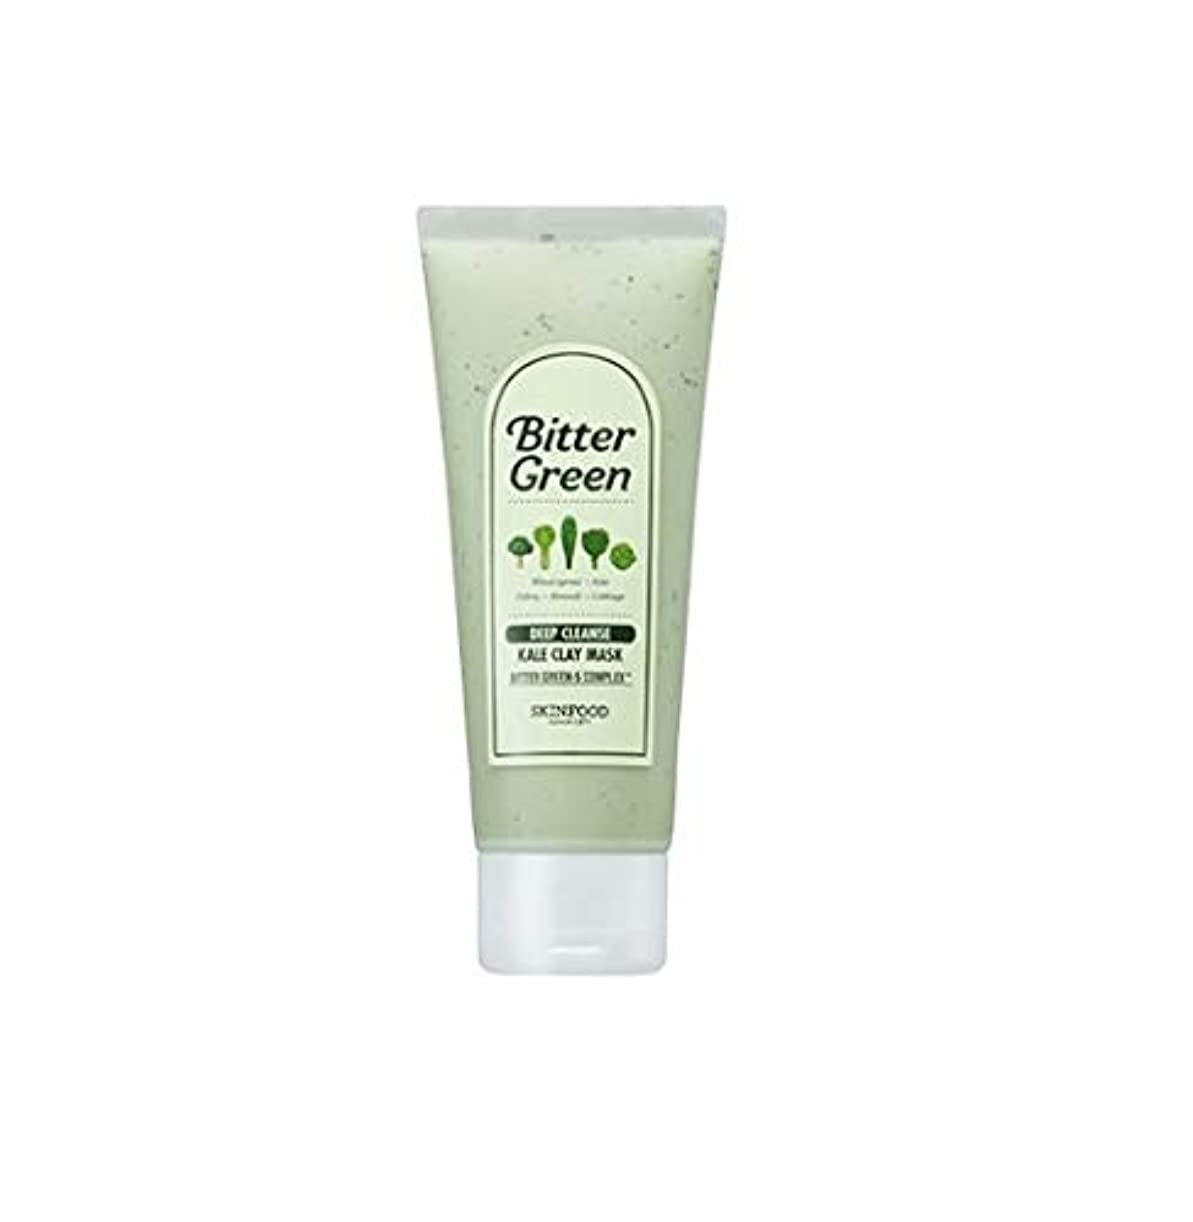 食用対処するに対処するSkinfood ビターグリーンケールクレイマスク/bitter green kale clay mask 150g [並行輸入品]